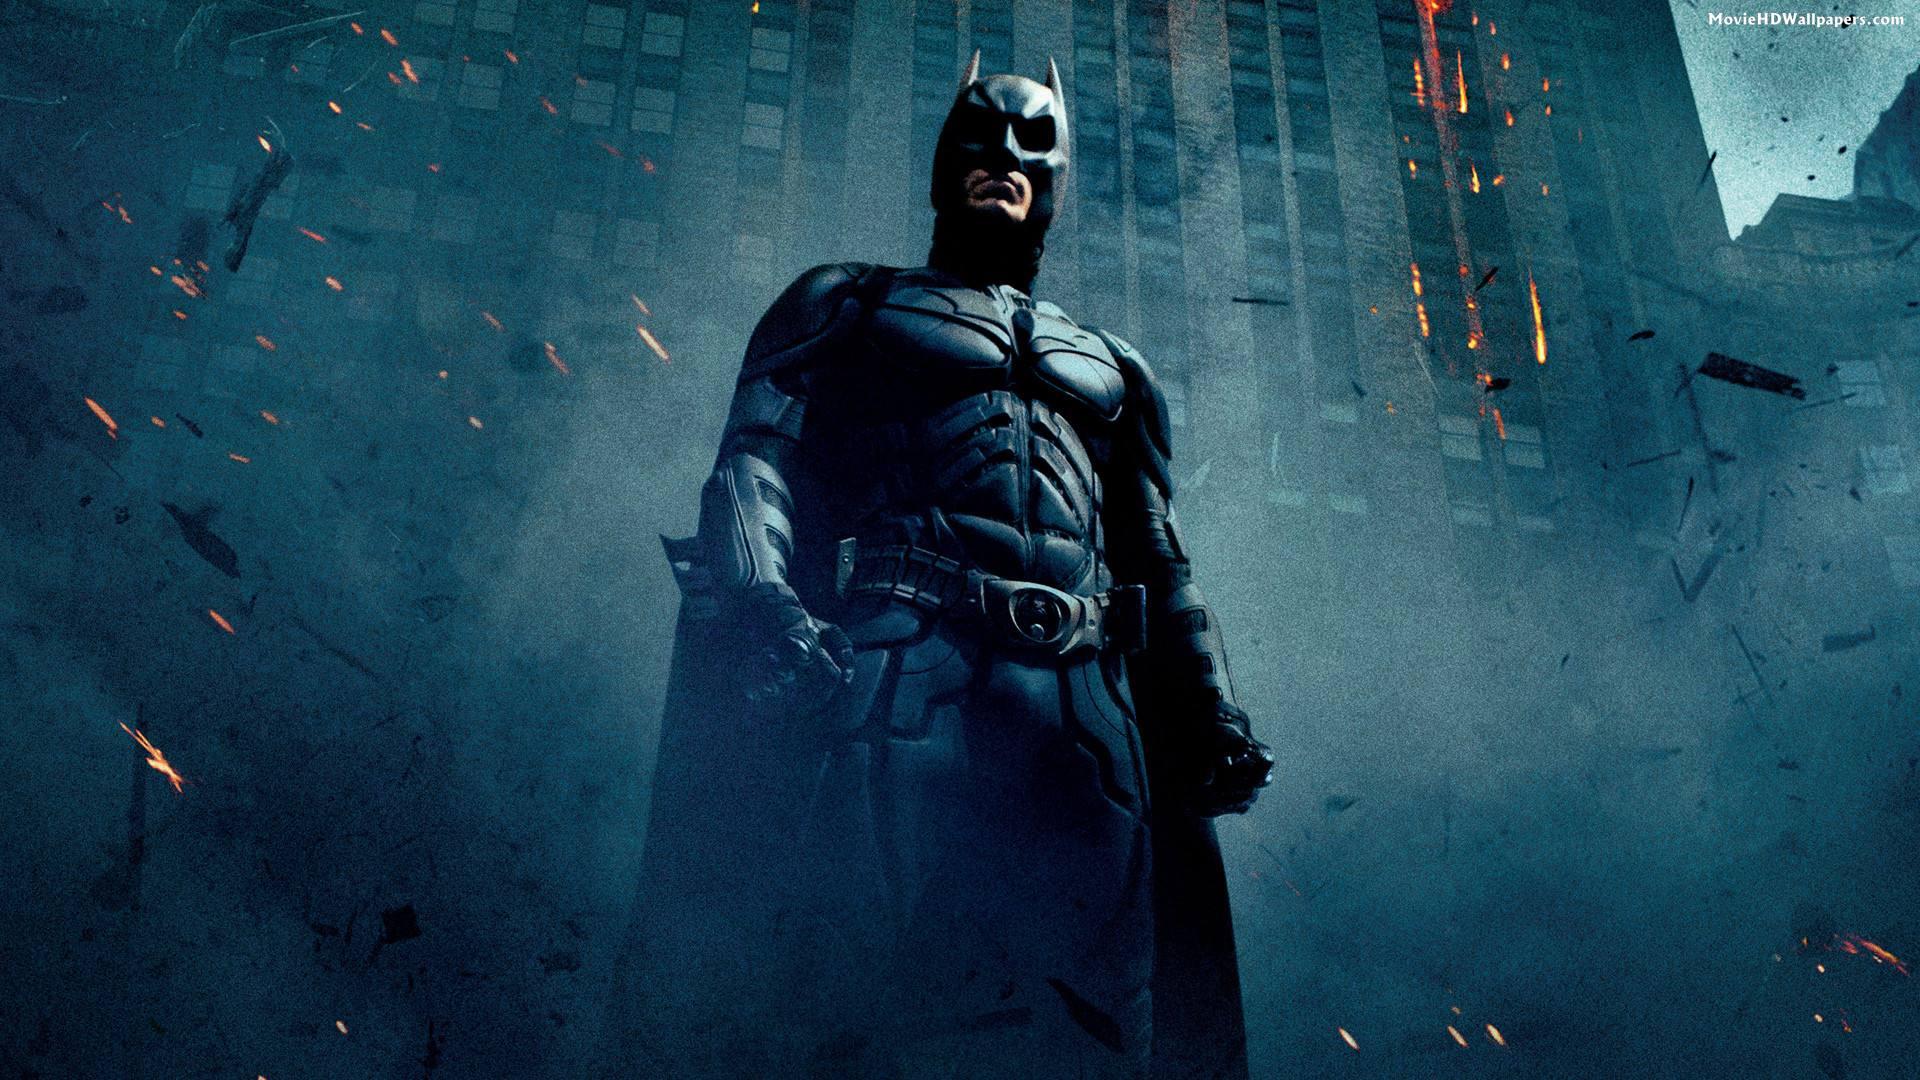 10 nejlepších filmů s Batmanem 12560